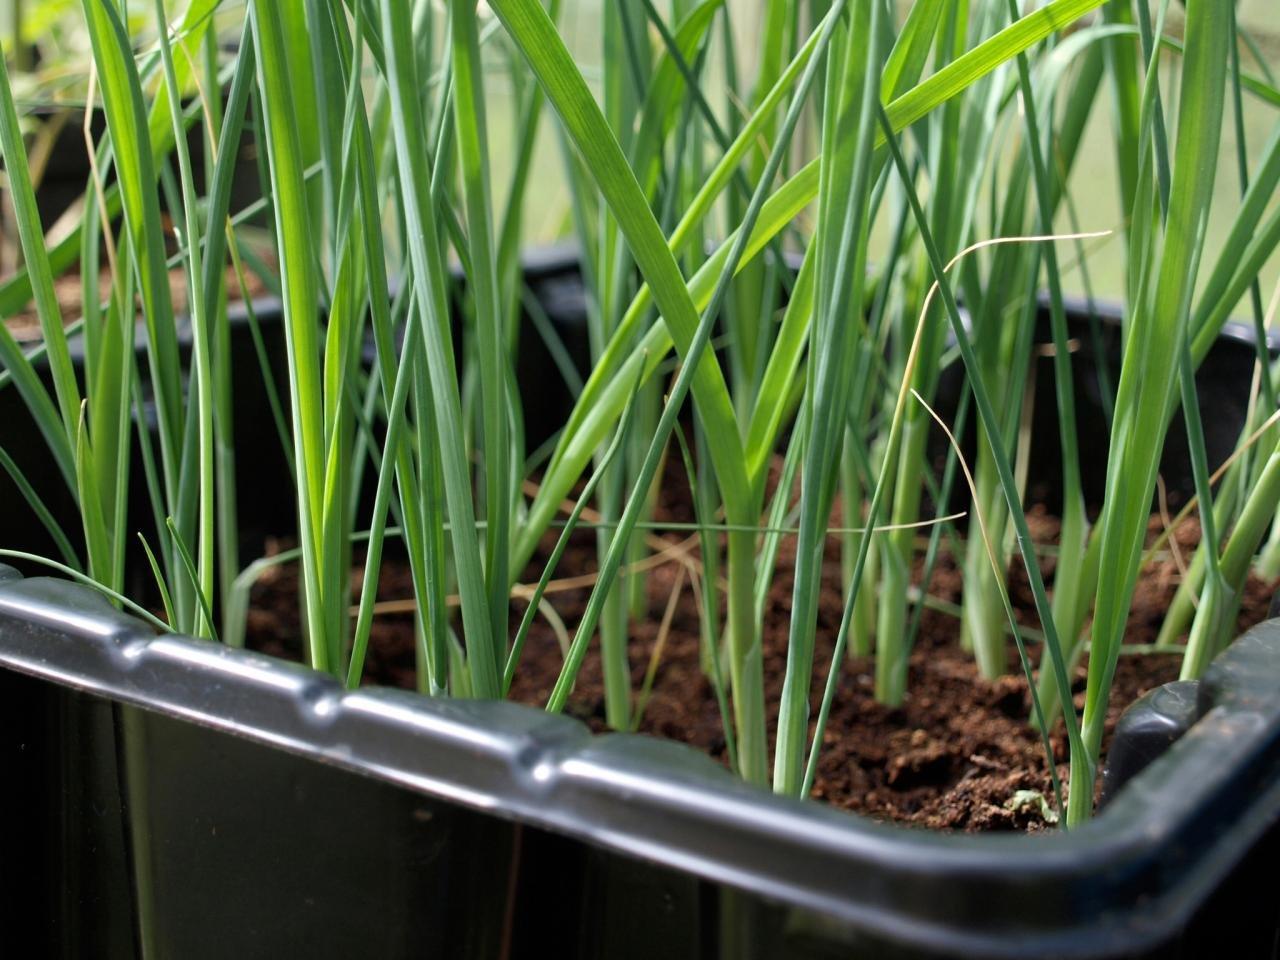 Когда сажать лук-порей на рассаду в 2020 году по лунному календарю с 24 по 31 марта: таблица и полезные рекомендации